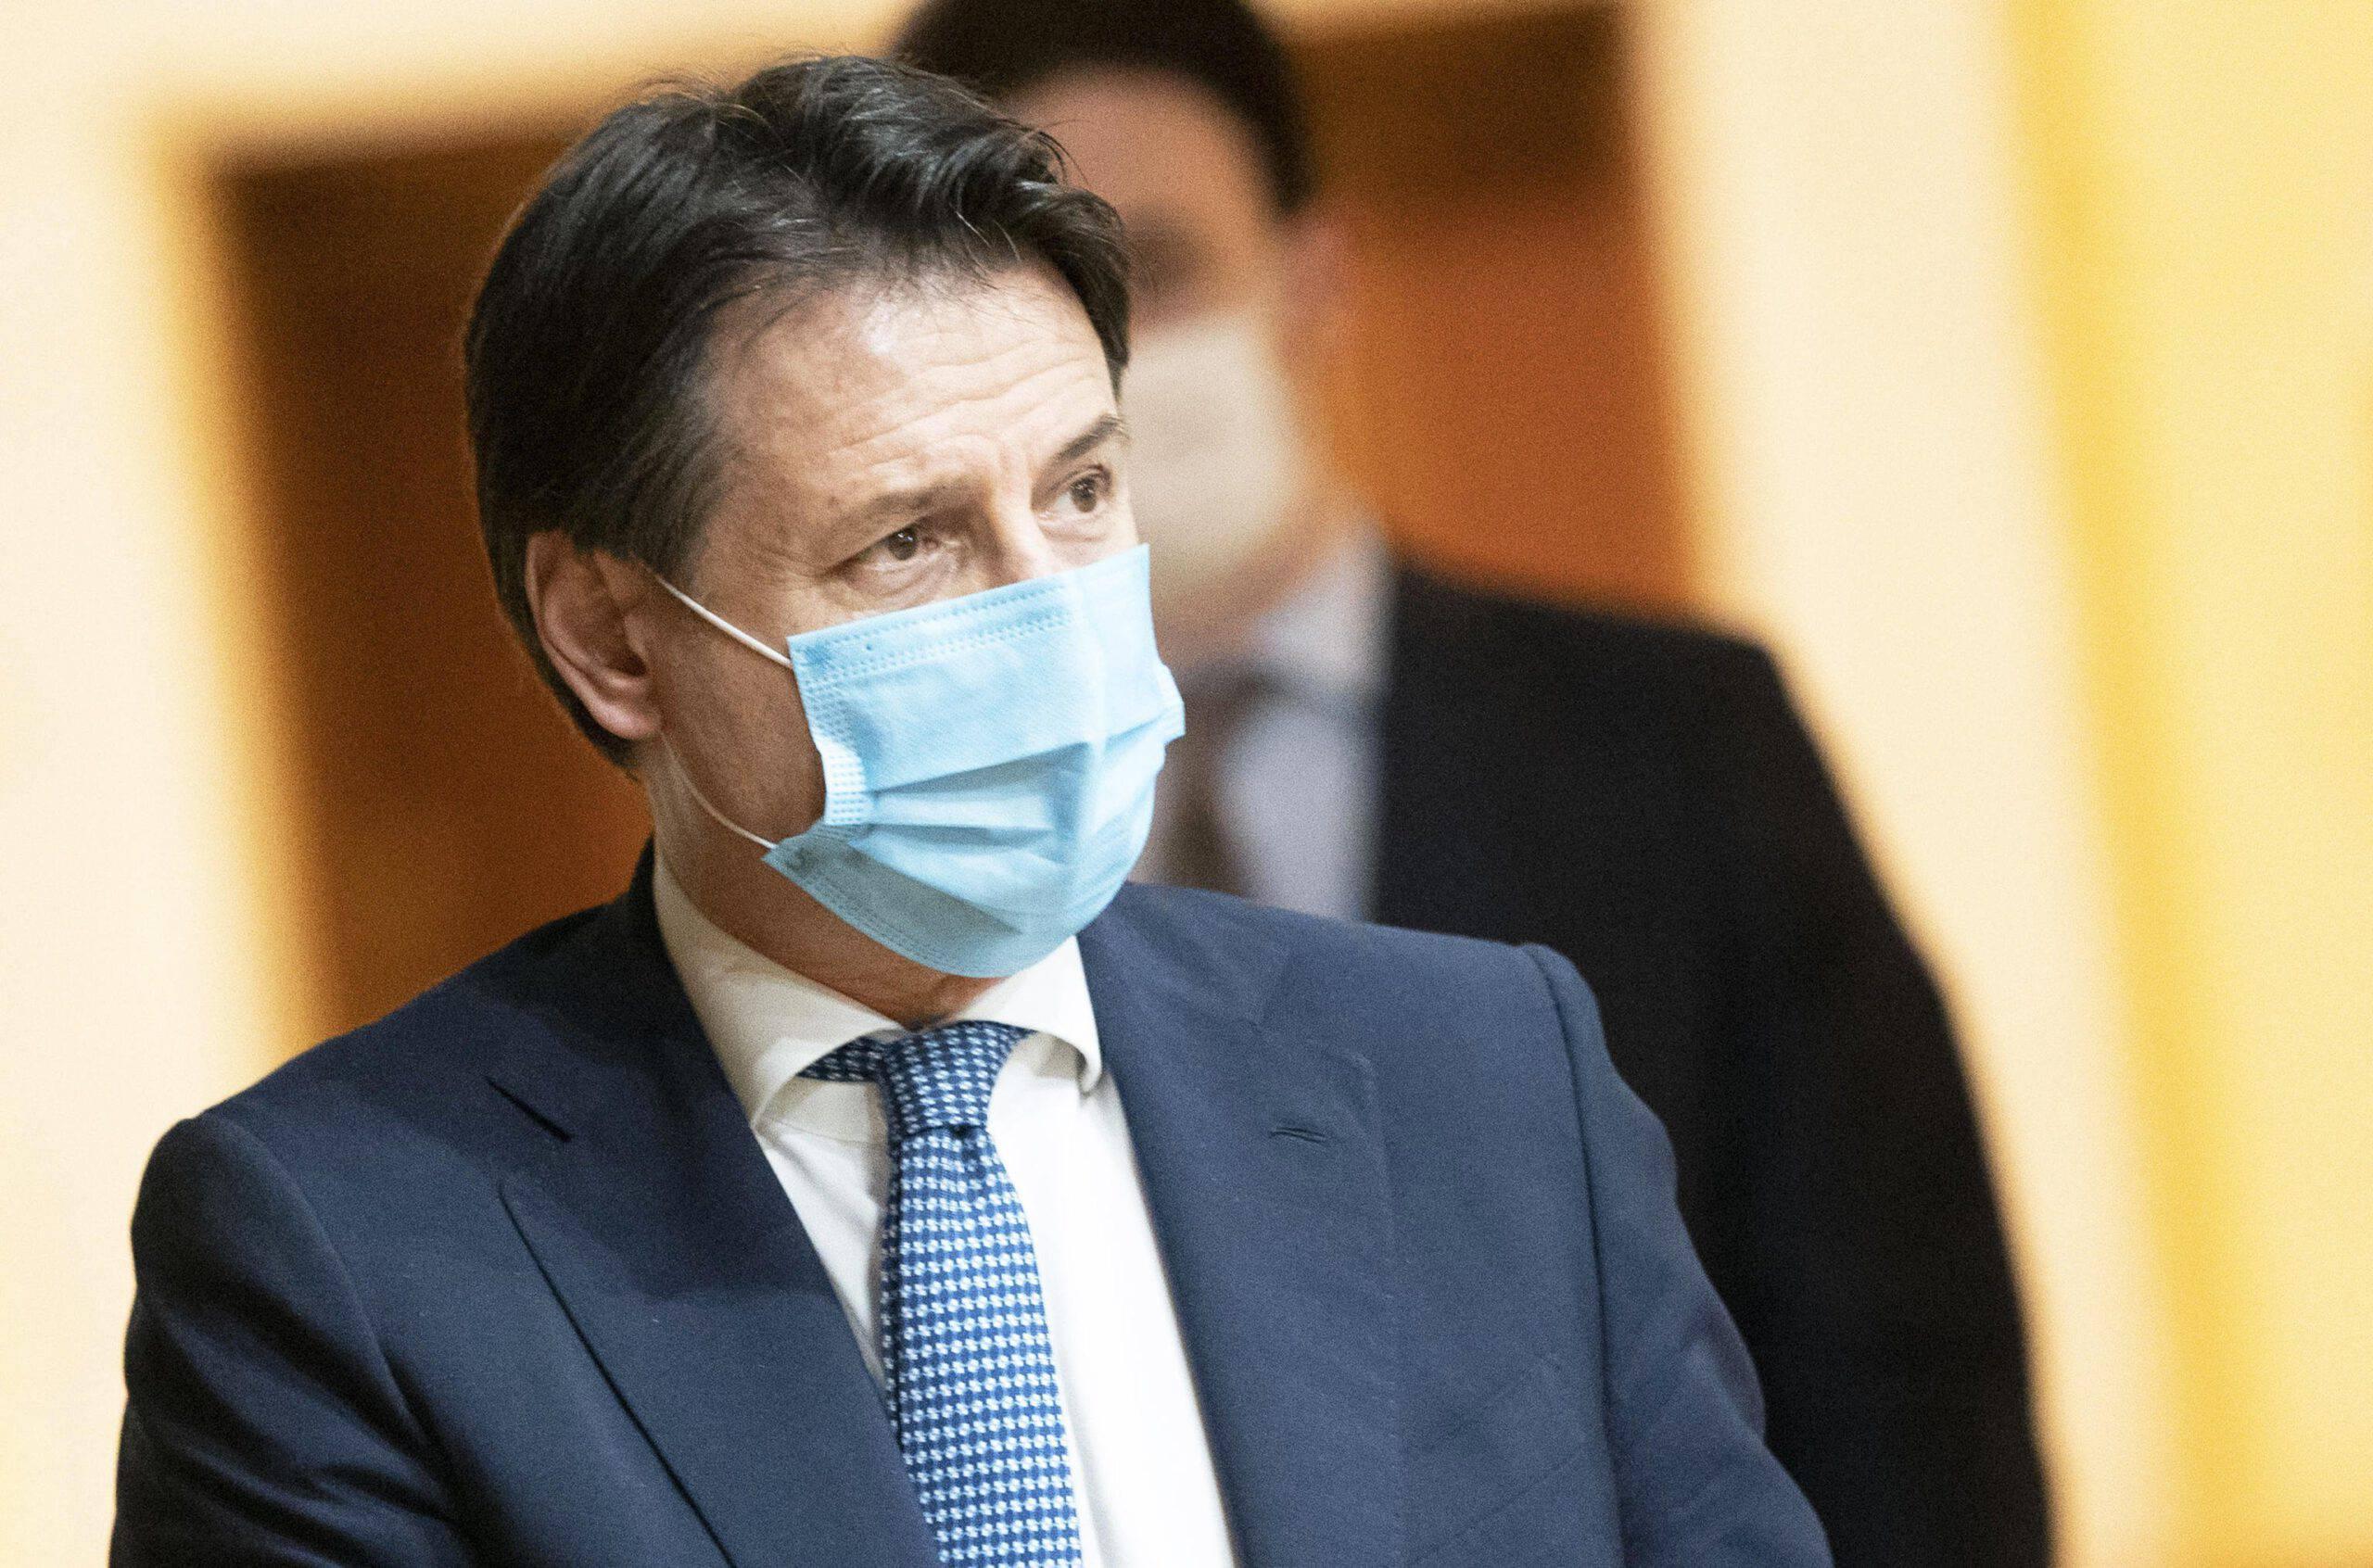 Aumento dell'evasione e cartelle di Equitalia in arrivo, ma anche Conte ebbe problemi con il Fisco italiano -Leggilo.org